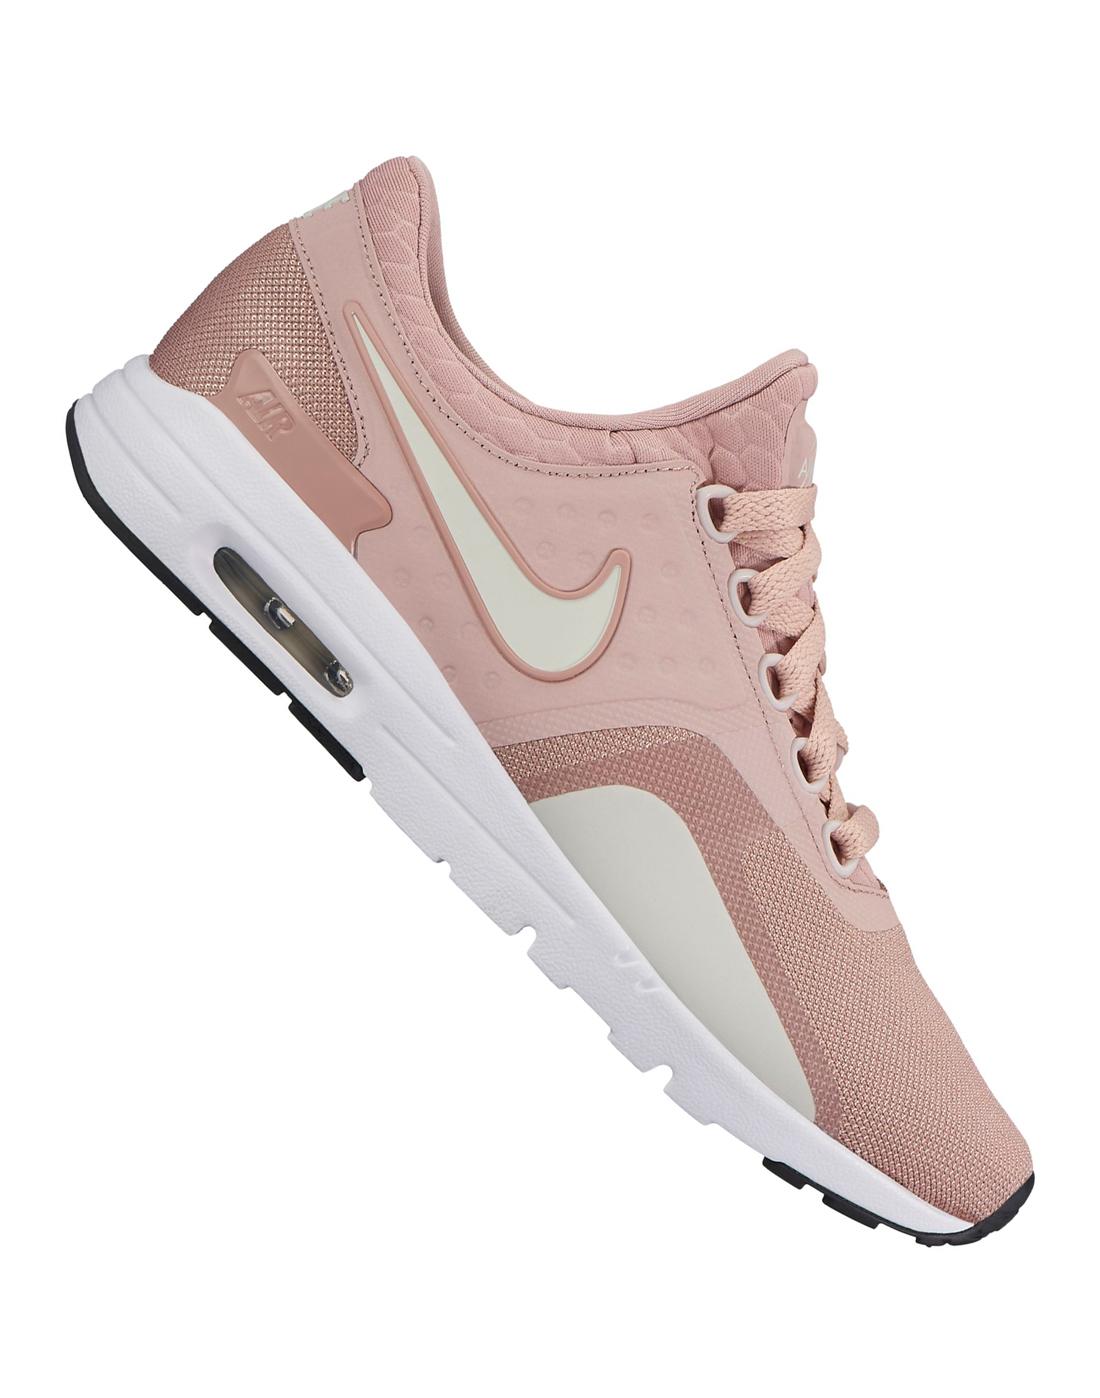 467db71cada0 Nike Womens Air Max Zero